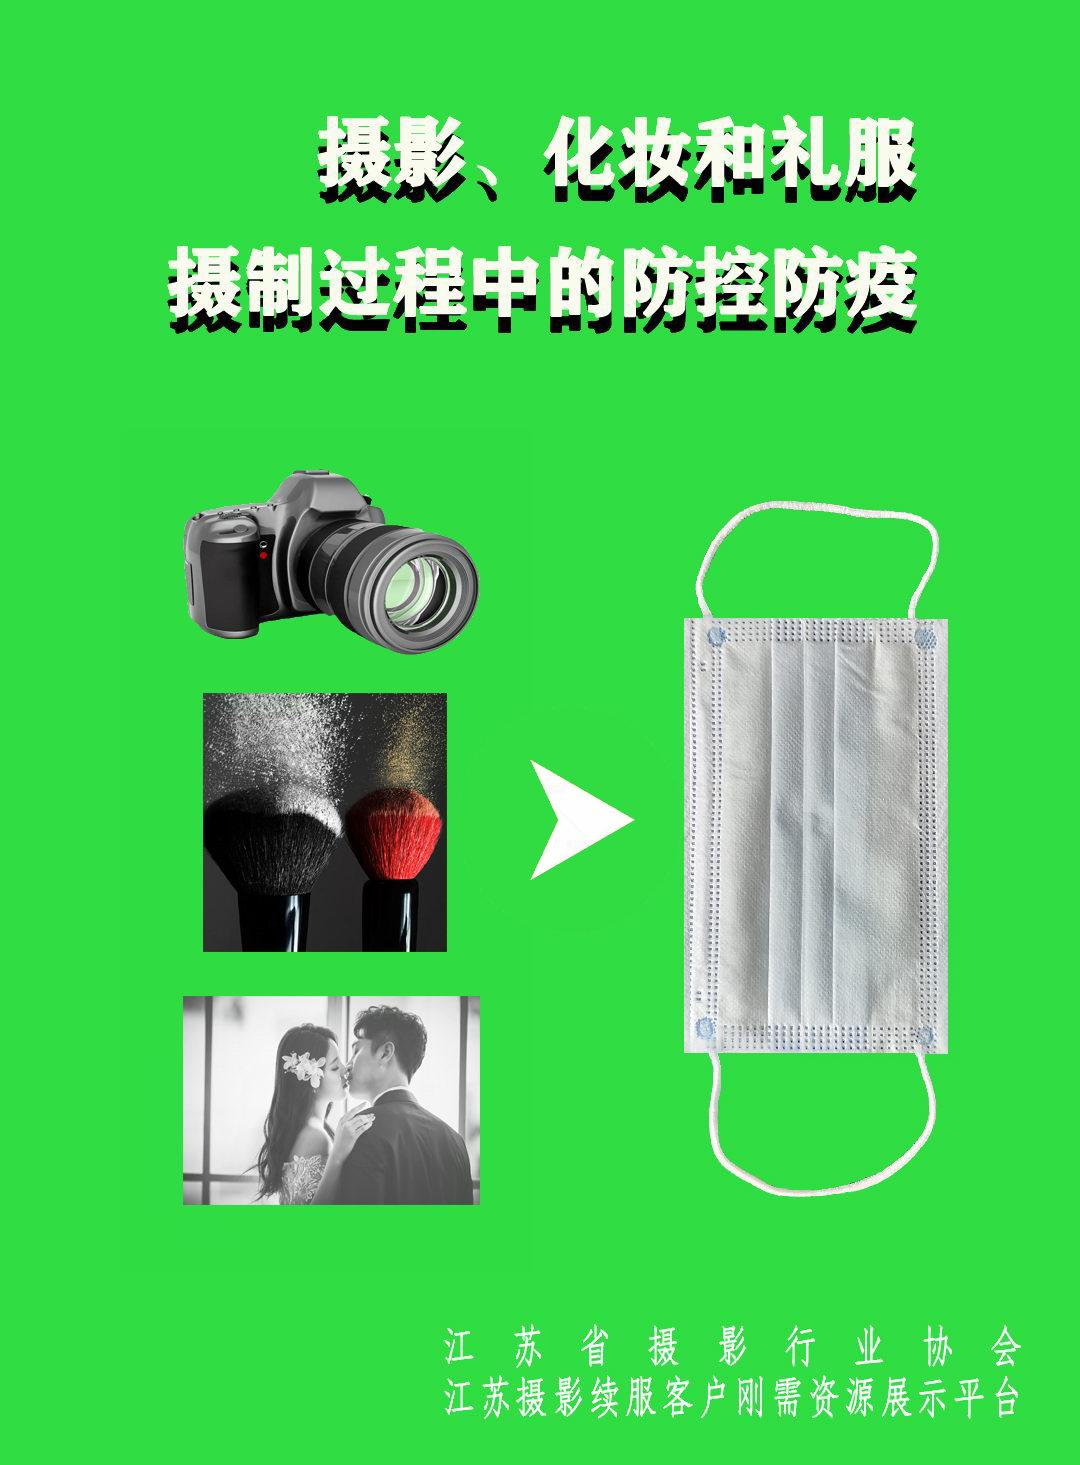 江苏省摄协关于做好摄影服务业疫情防控工作的通知